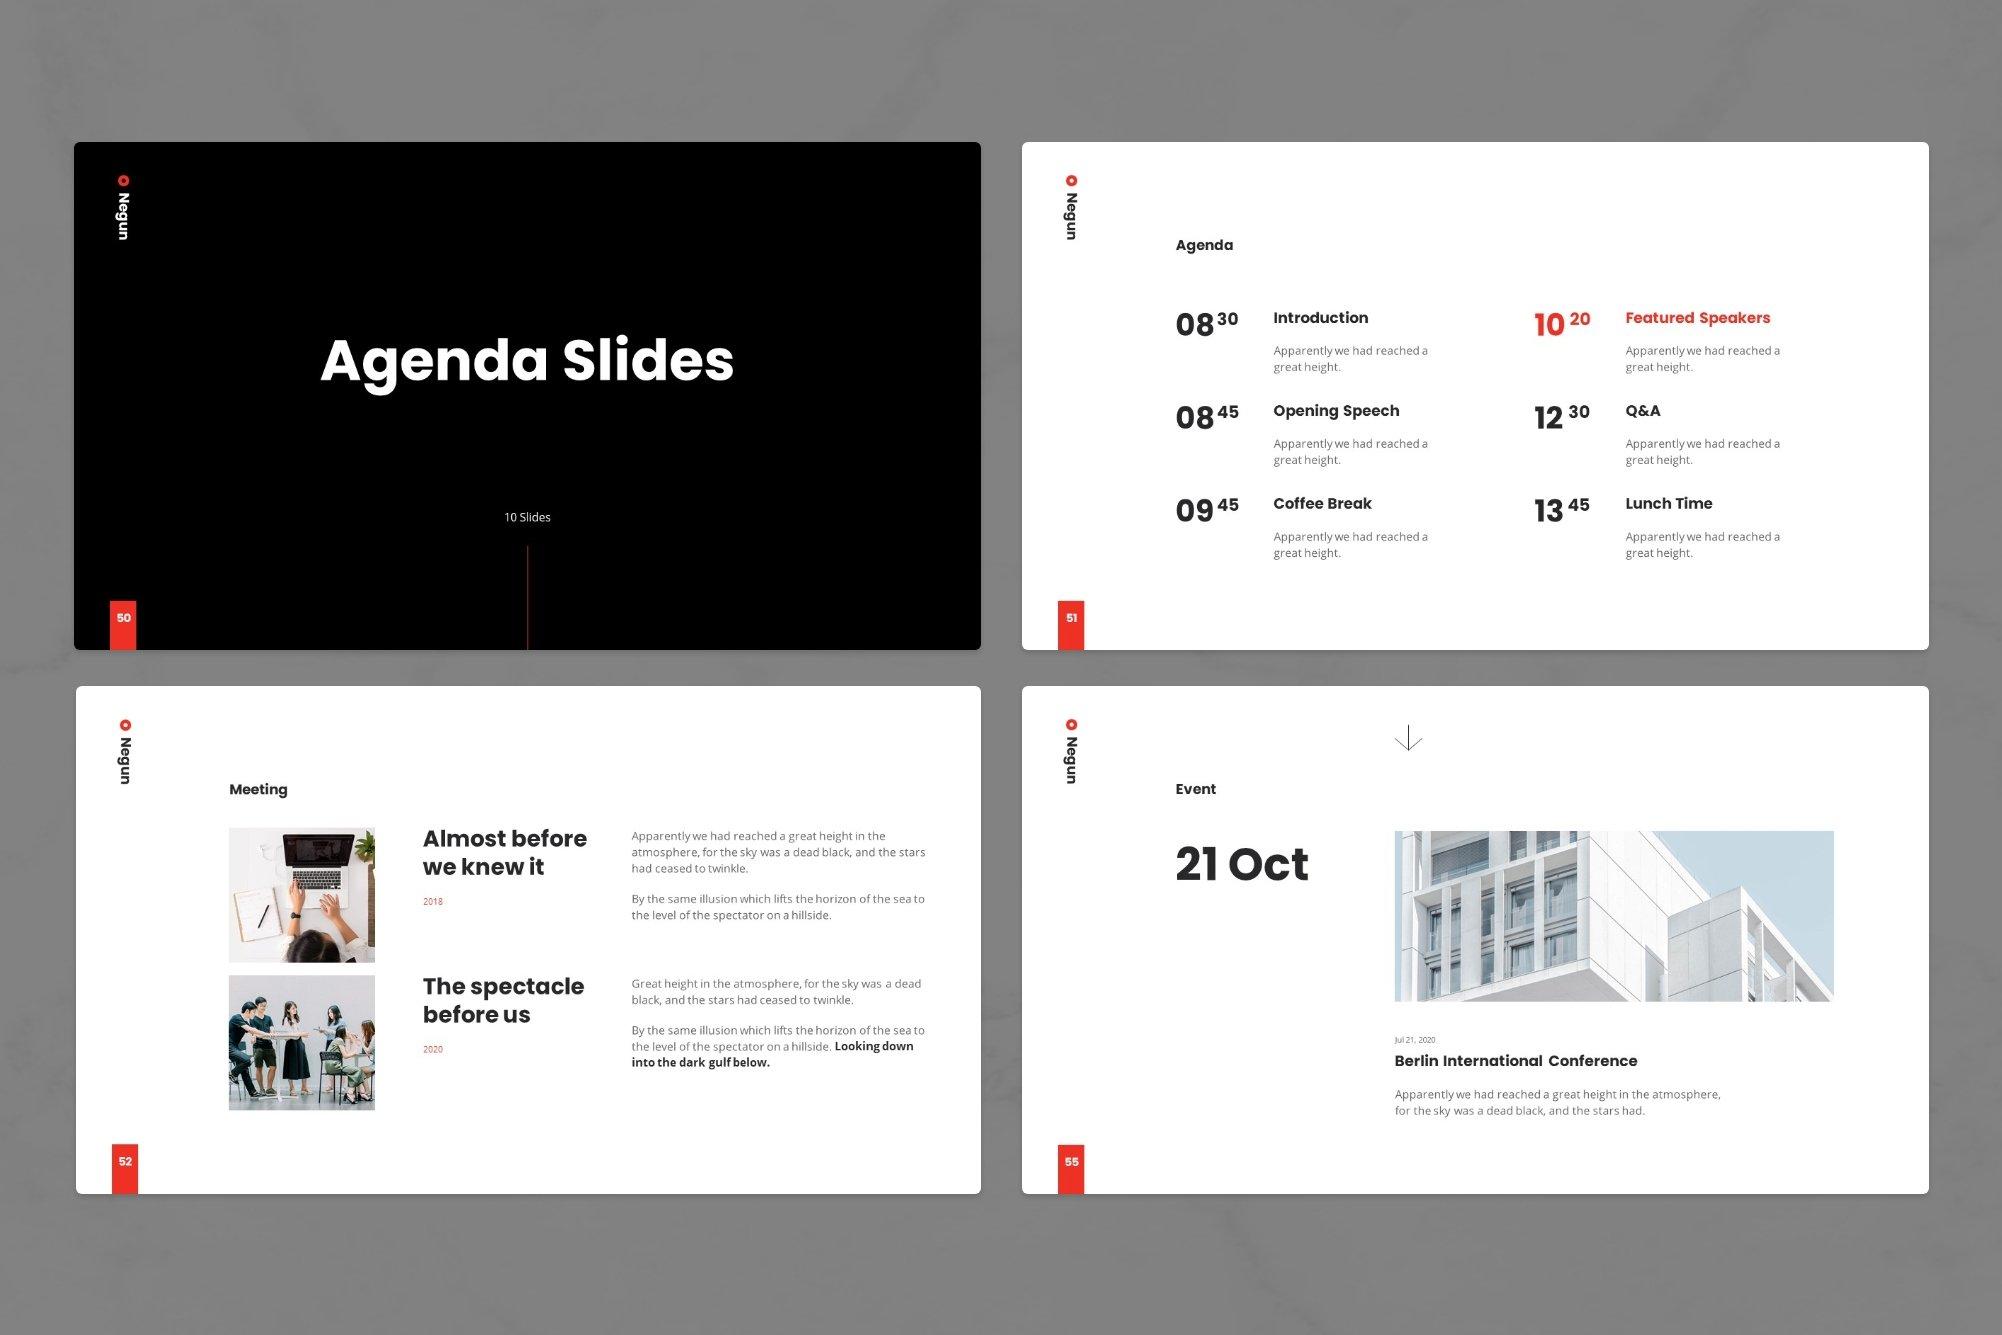 Agenda slides.